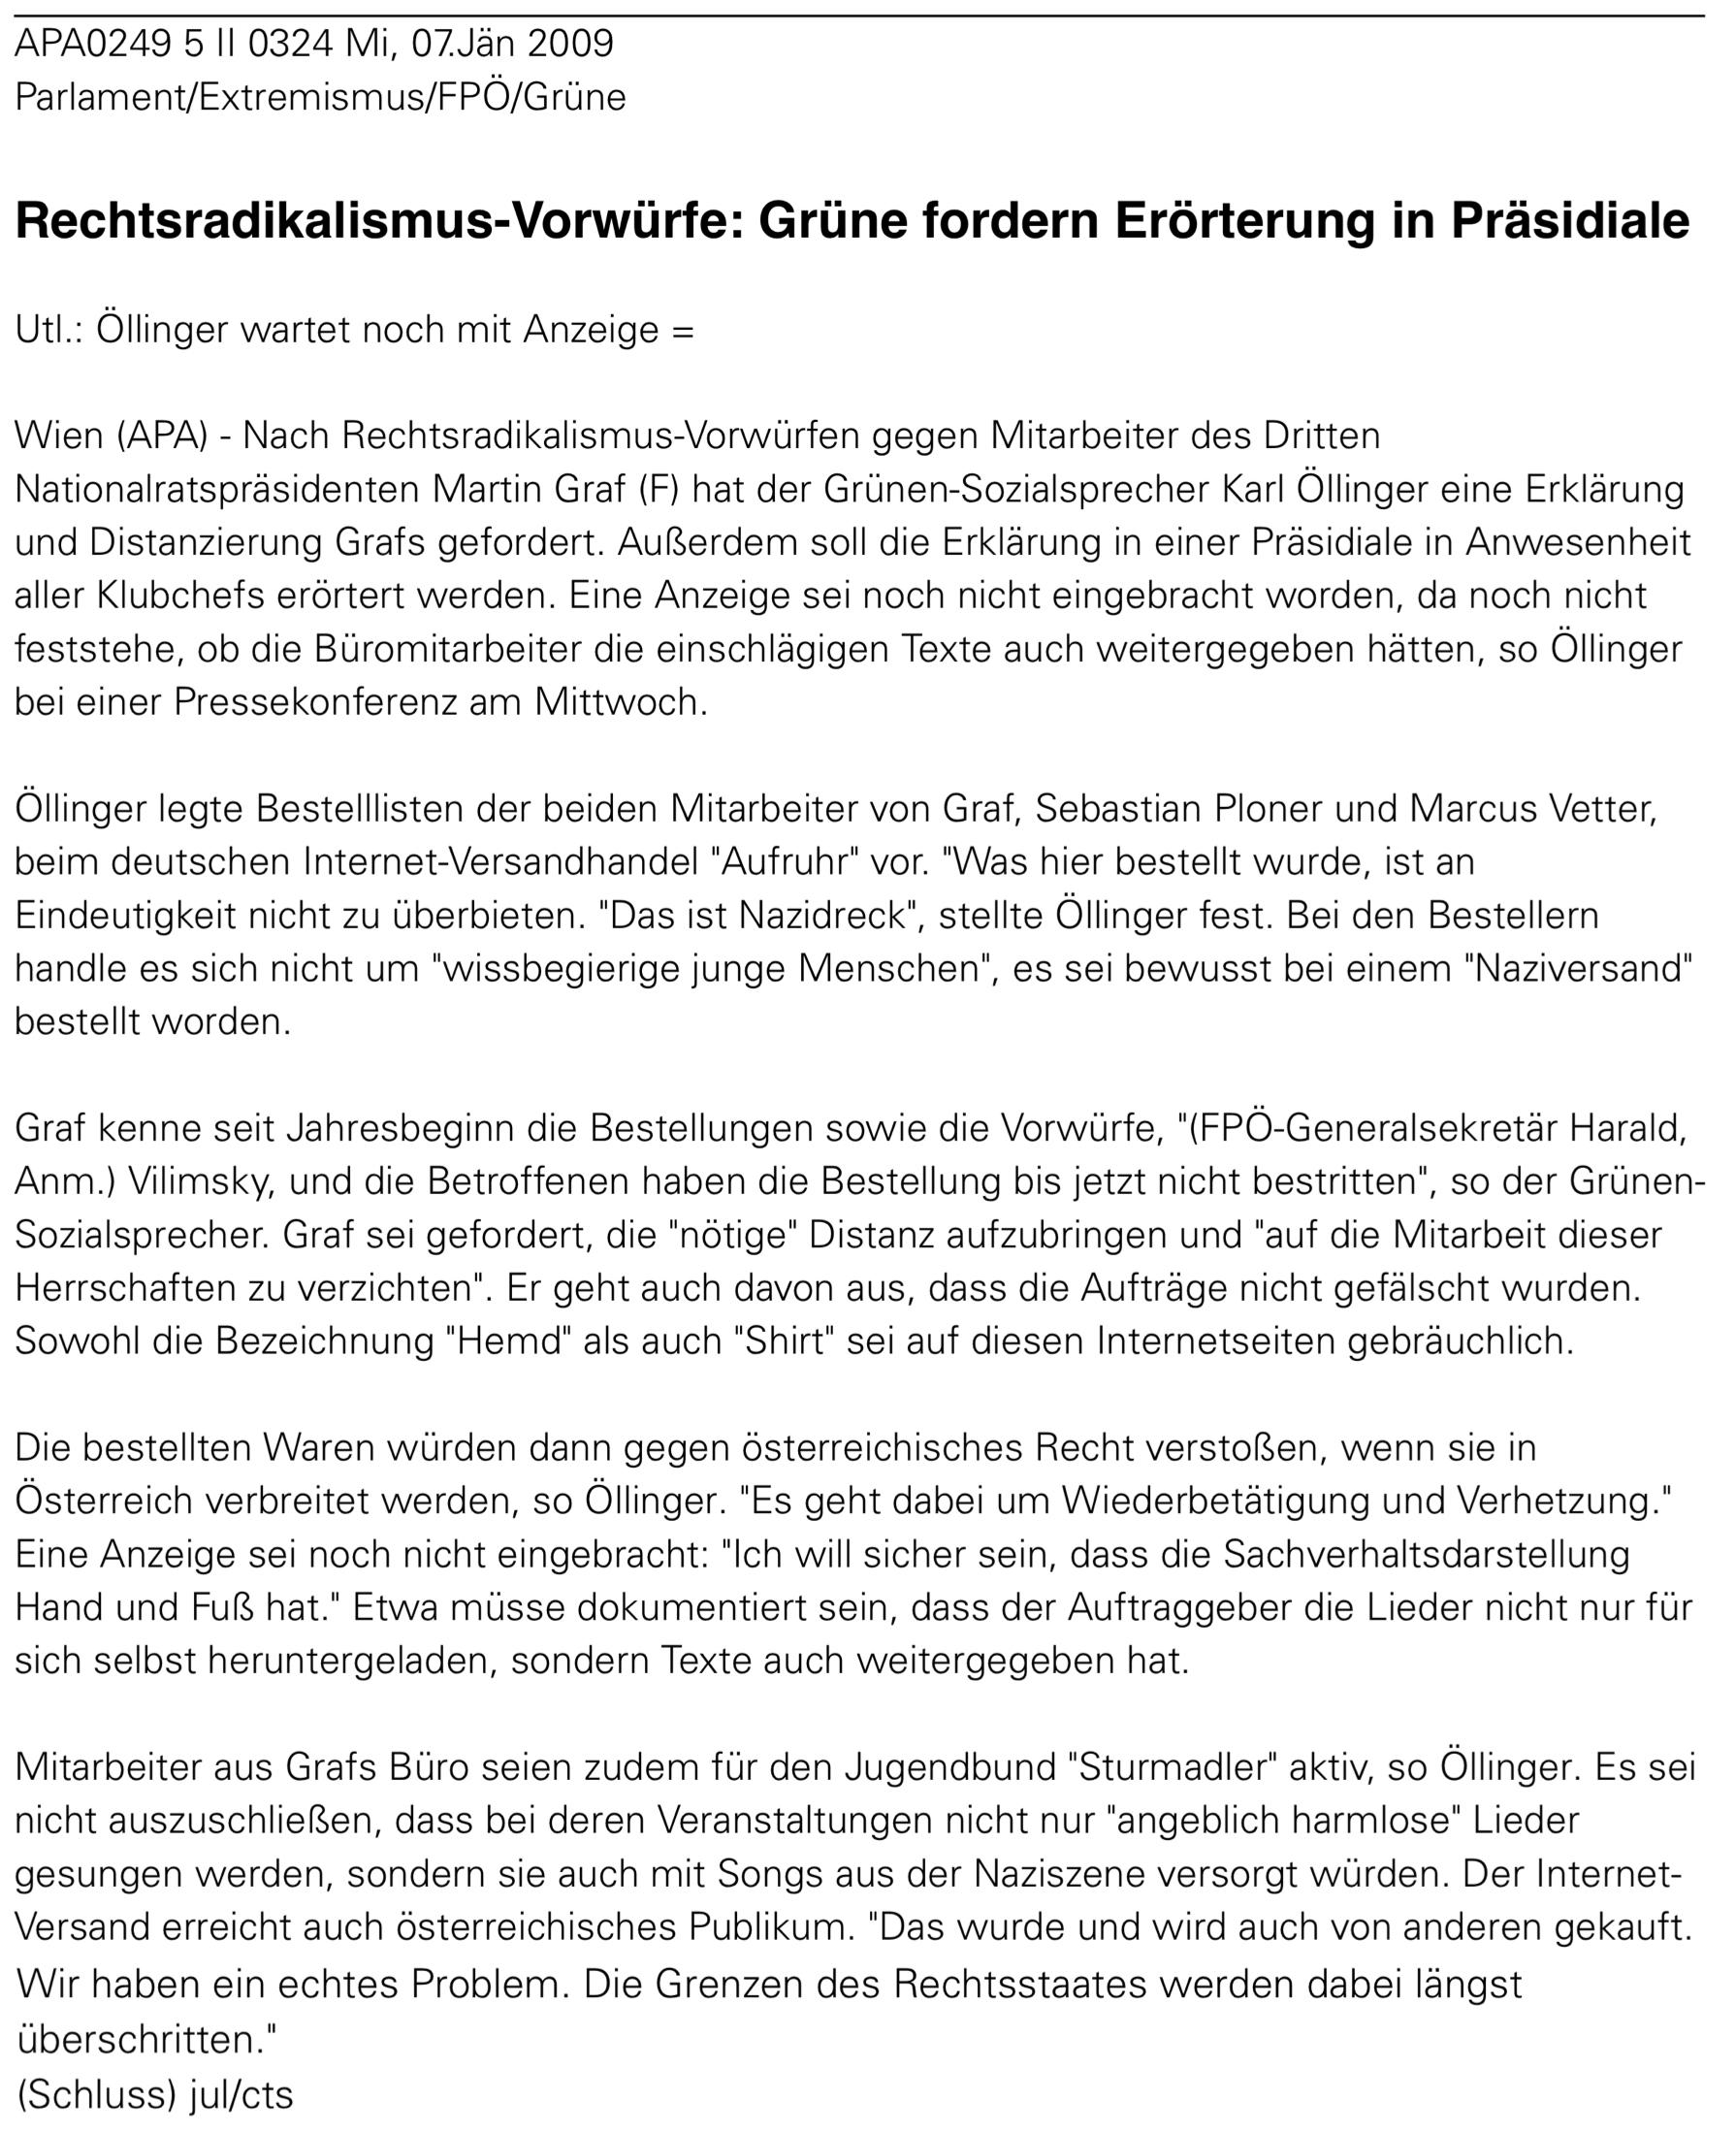 APA-Meldung über die Pressekonferenz von Karl Öllinger am 7.1.2009 zu Grafs Mitarbeiter